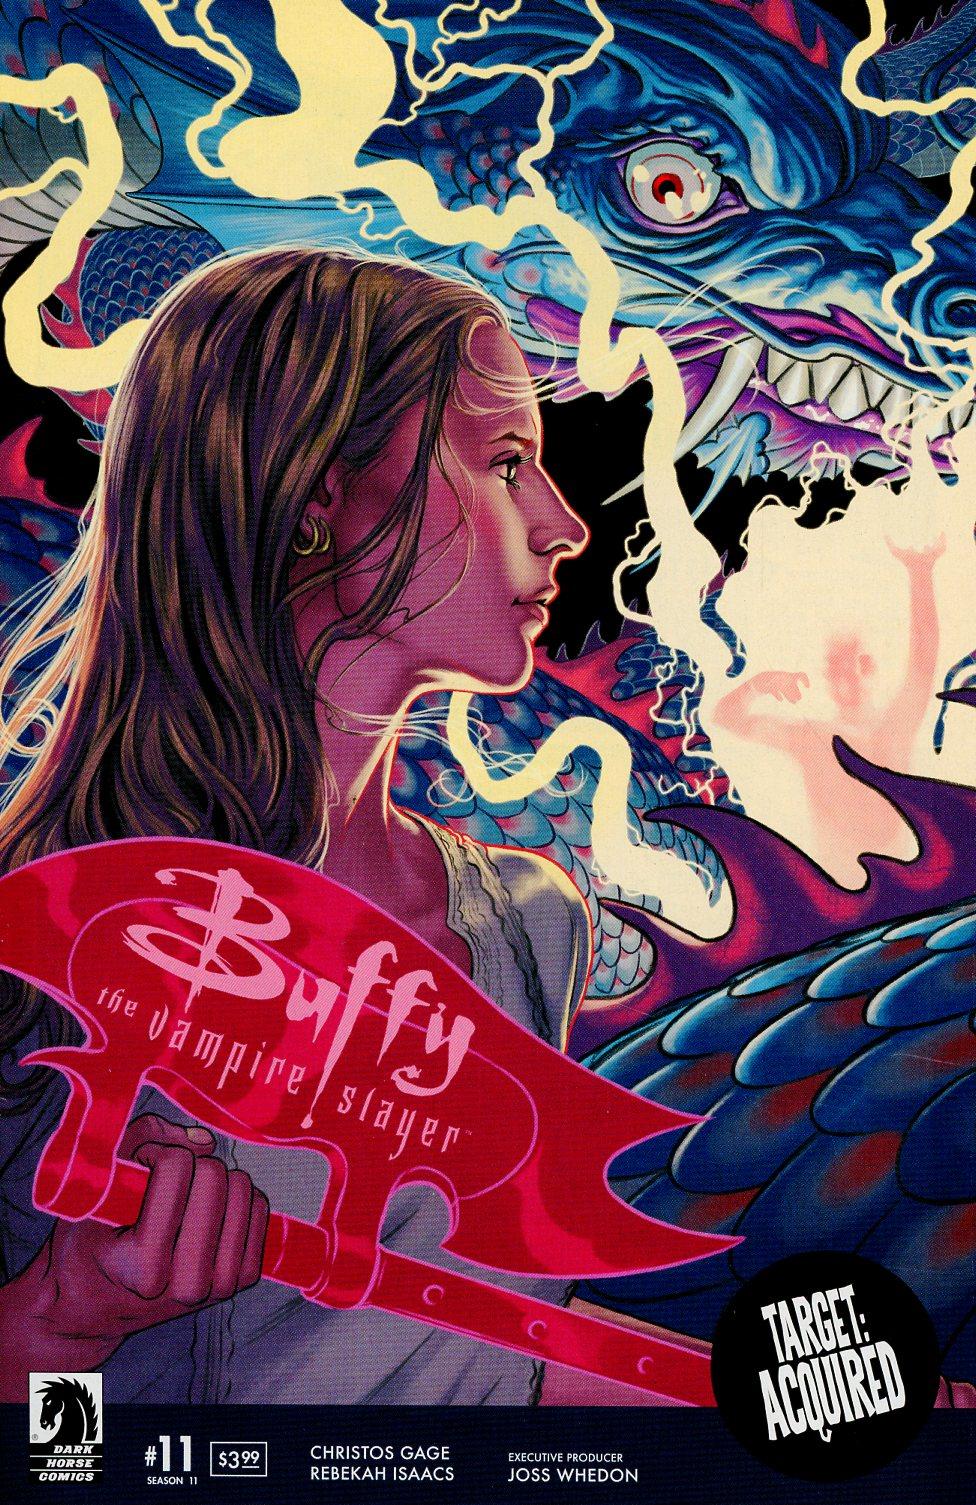 Buffy The Vampire Slayer Season 11 #11 Cover A Regular Steve Morris Cover